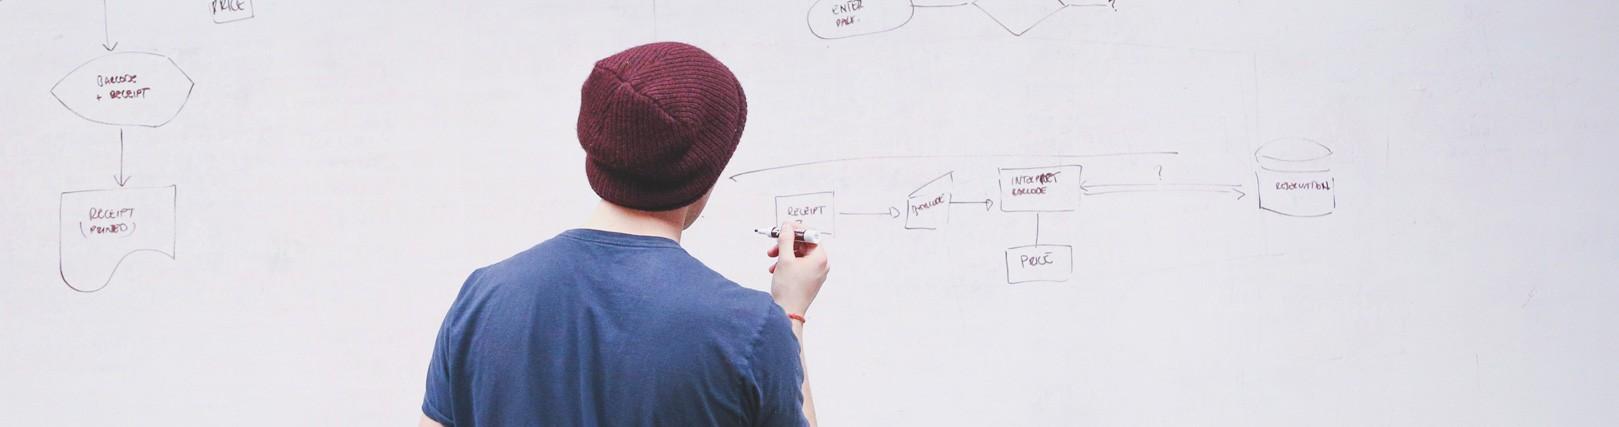 4. Cómo alcanzar el éxito en el comercio electrónico- ¿Qué hacer a continuación?